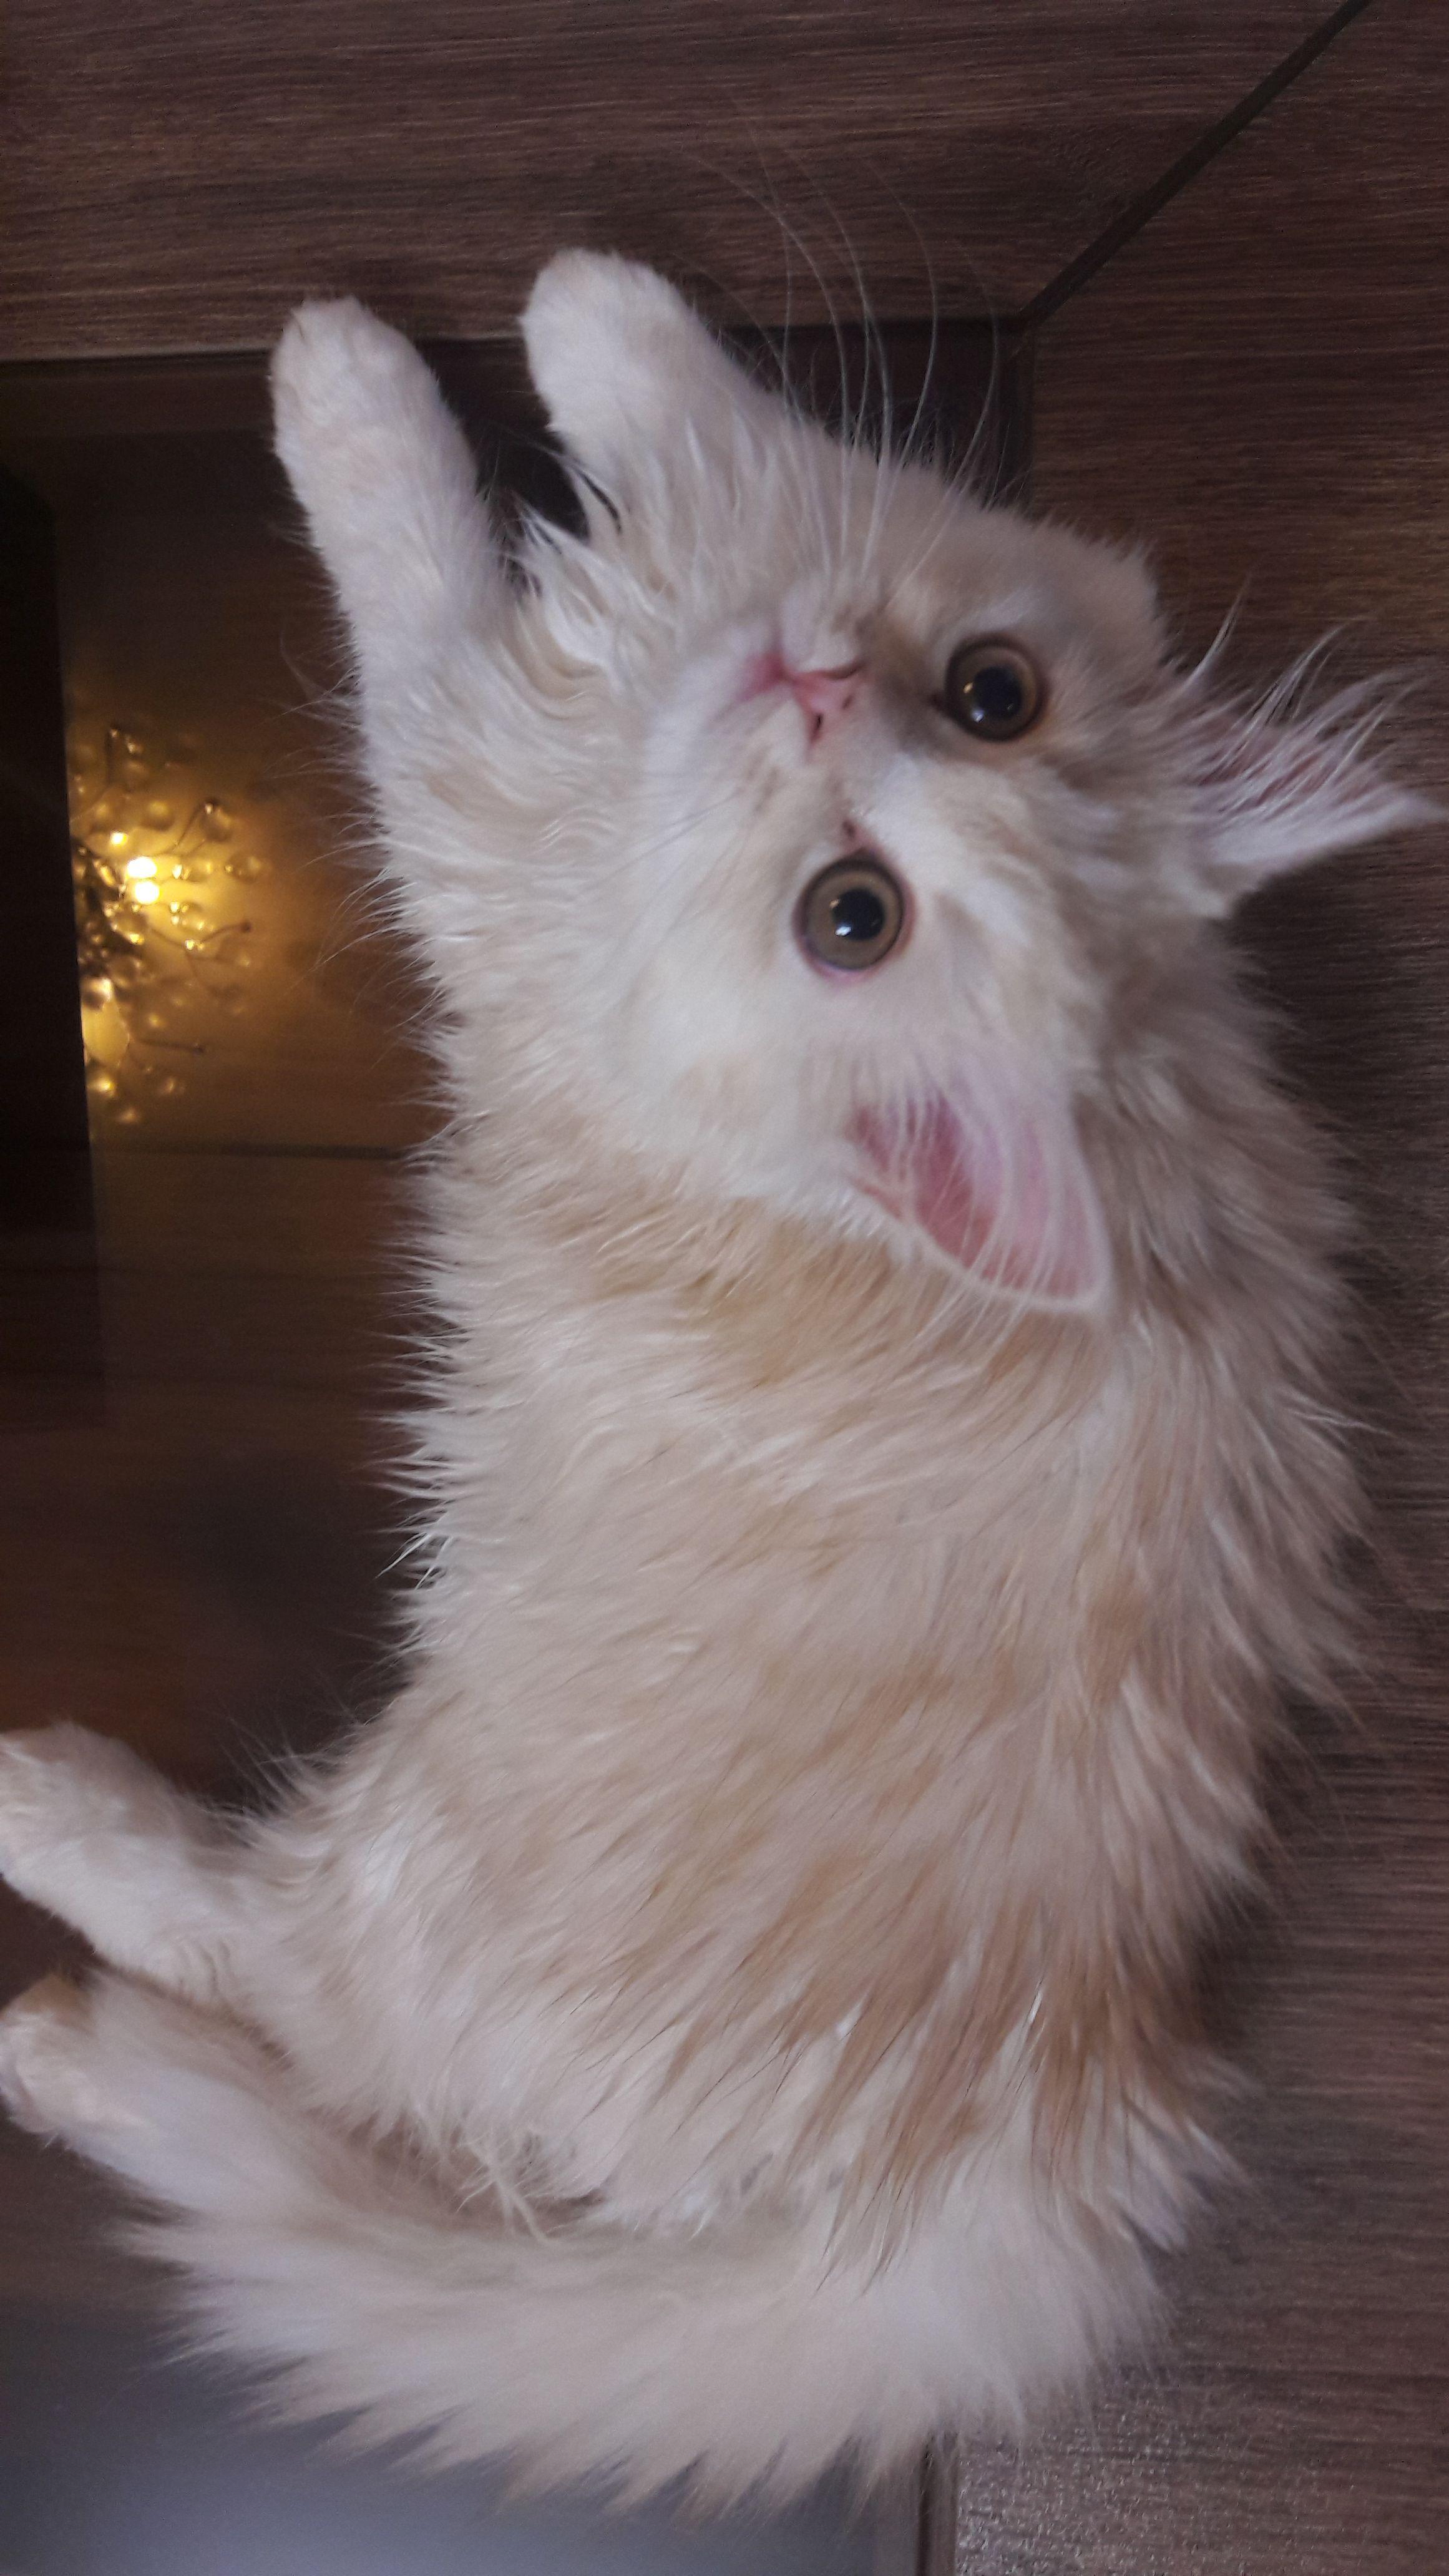 Miss Peachهمه جای خانه تخت خواب من است از جمله میز پذیرایی Please Don T Disturb Im Resting Precious Peach Cat Cats Of Persian Cat Wild Cats Cats